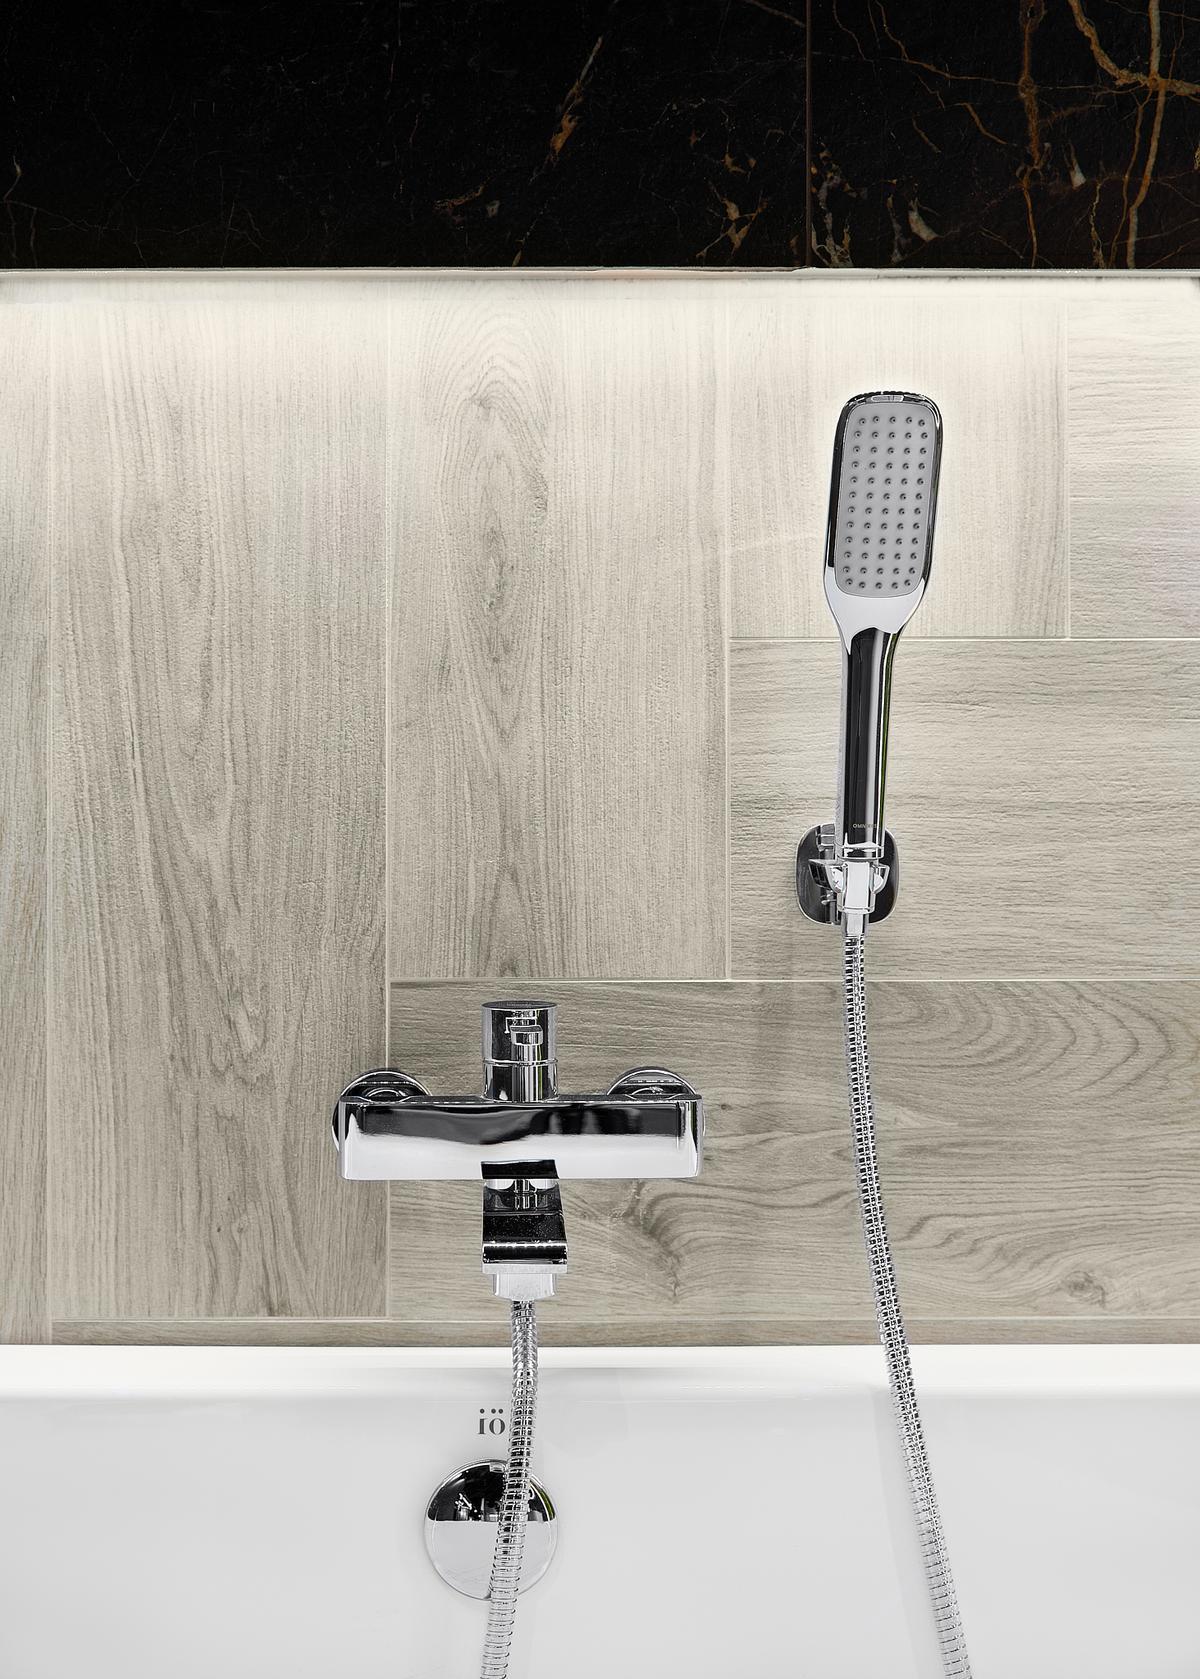 Szlachetne, jasne drewno Cerrad Acero bianco w strefie kąpielowej - zdjęcie od BLU salon łazienek Elbląg